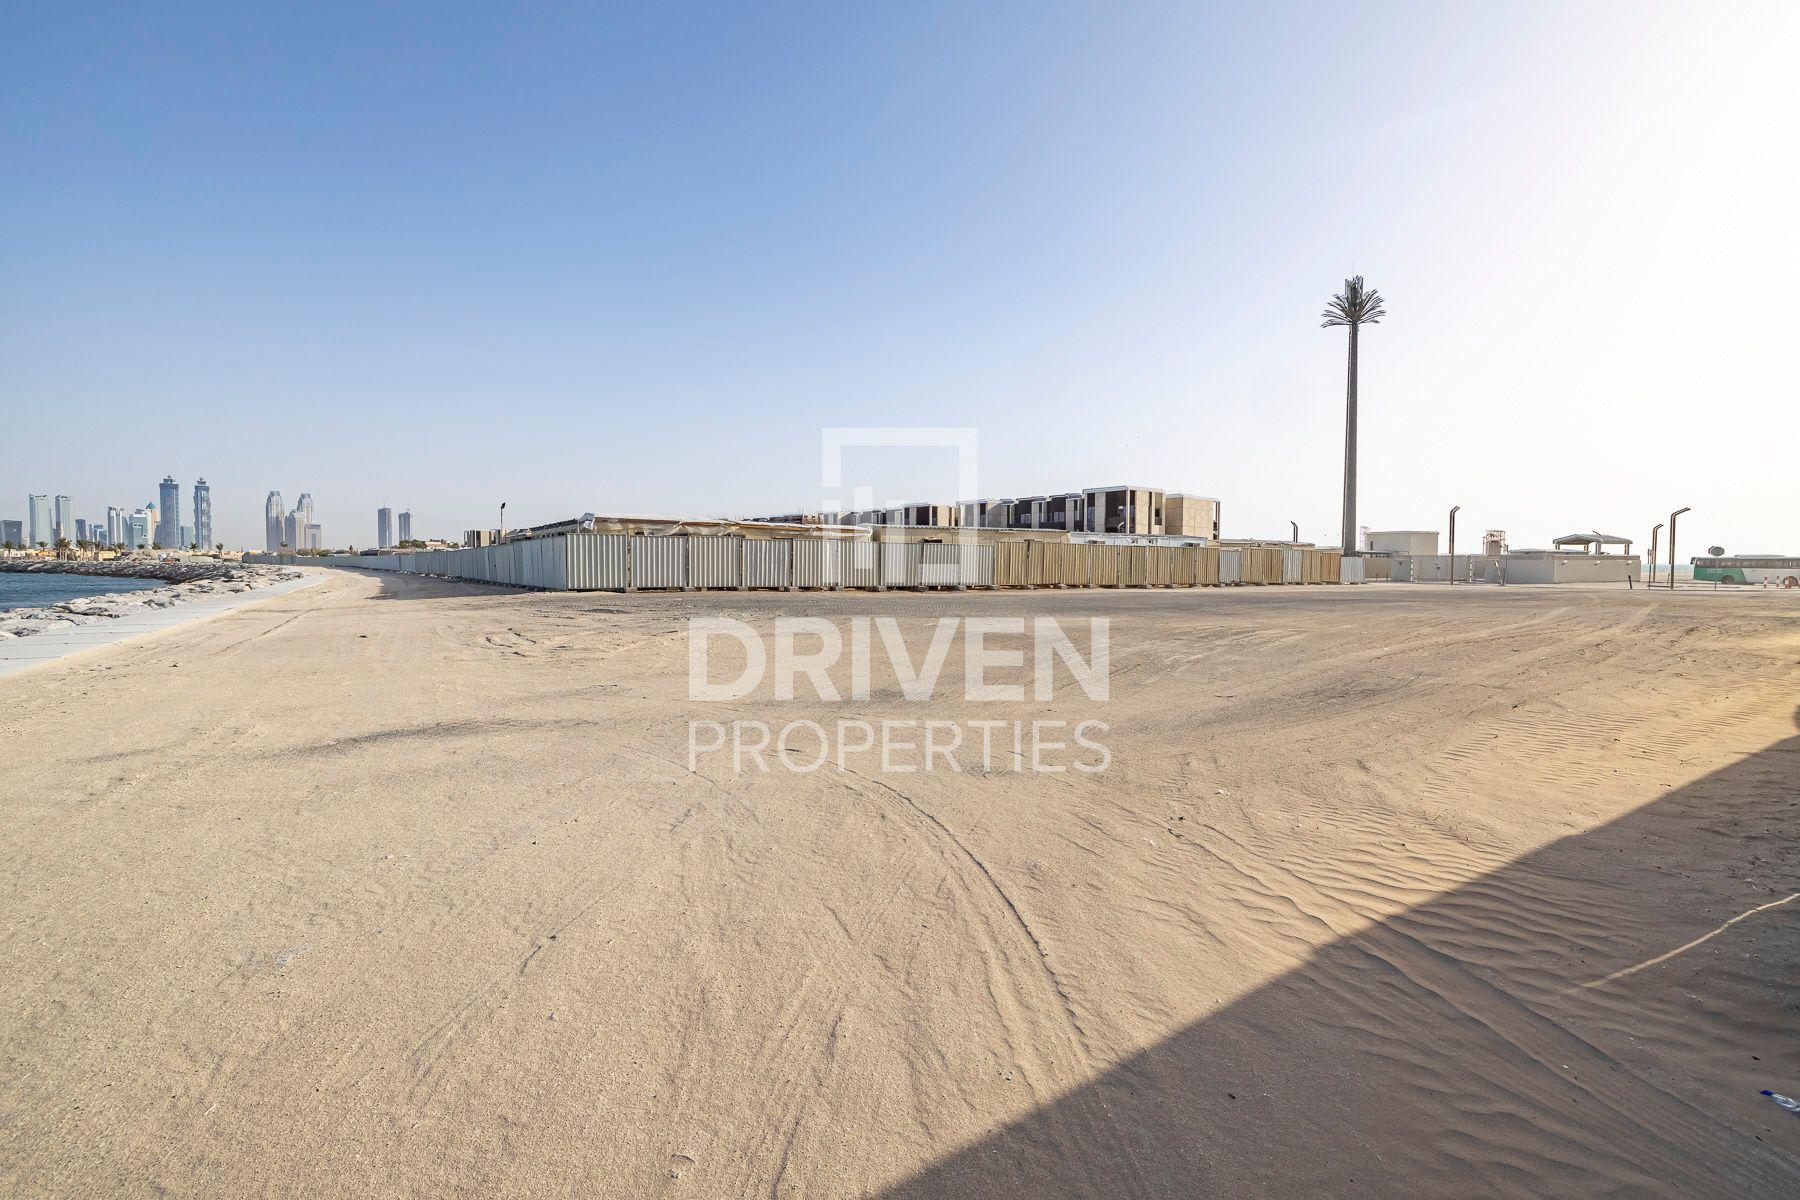 13,495 قدم مربع  أرض سكنية - للبيع - الجميرا